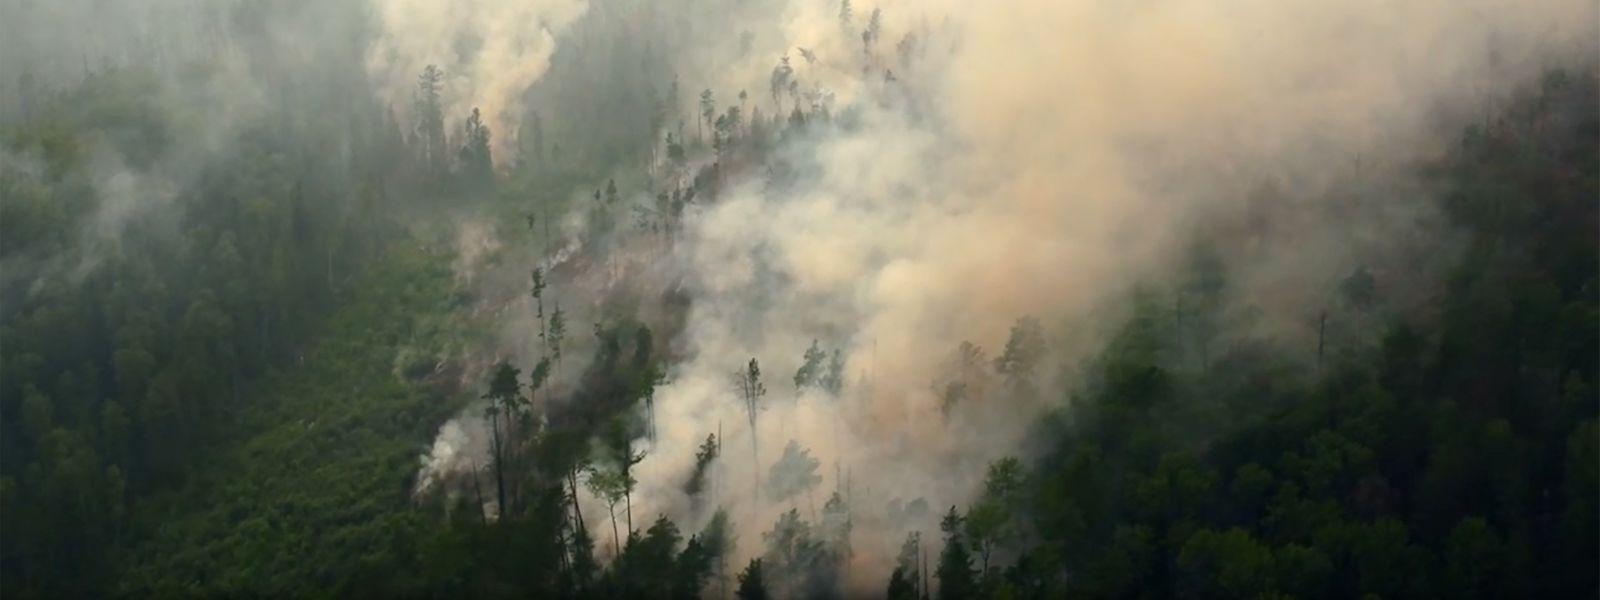 Ein Waldbrand in der Region Krasnojarsk. Im Kampf gegen die verheerenden Waldbrände in Sibirien hat das russische Militär Löschflugzeuge eingesetzt.